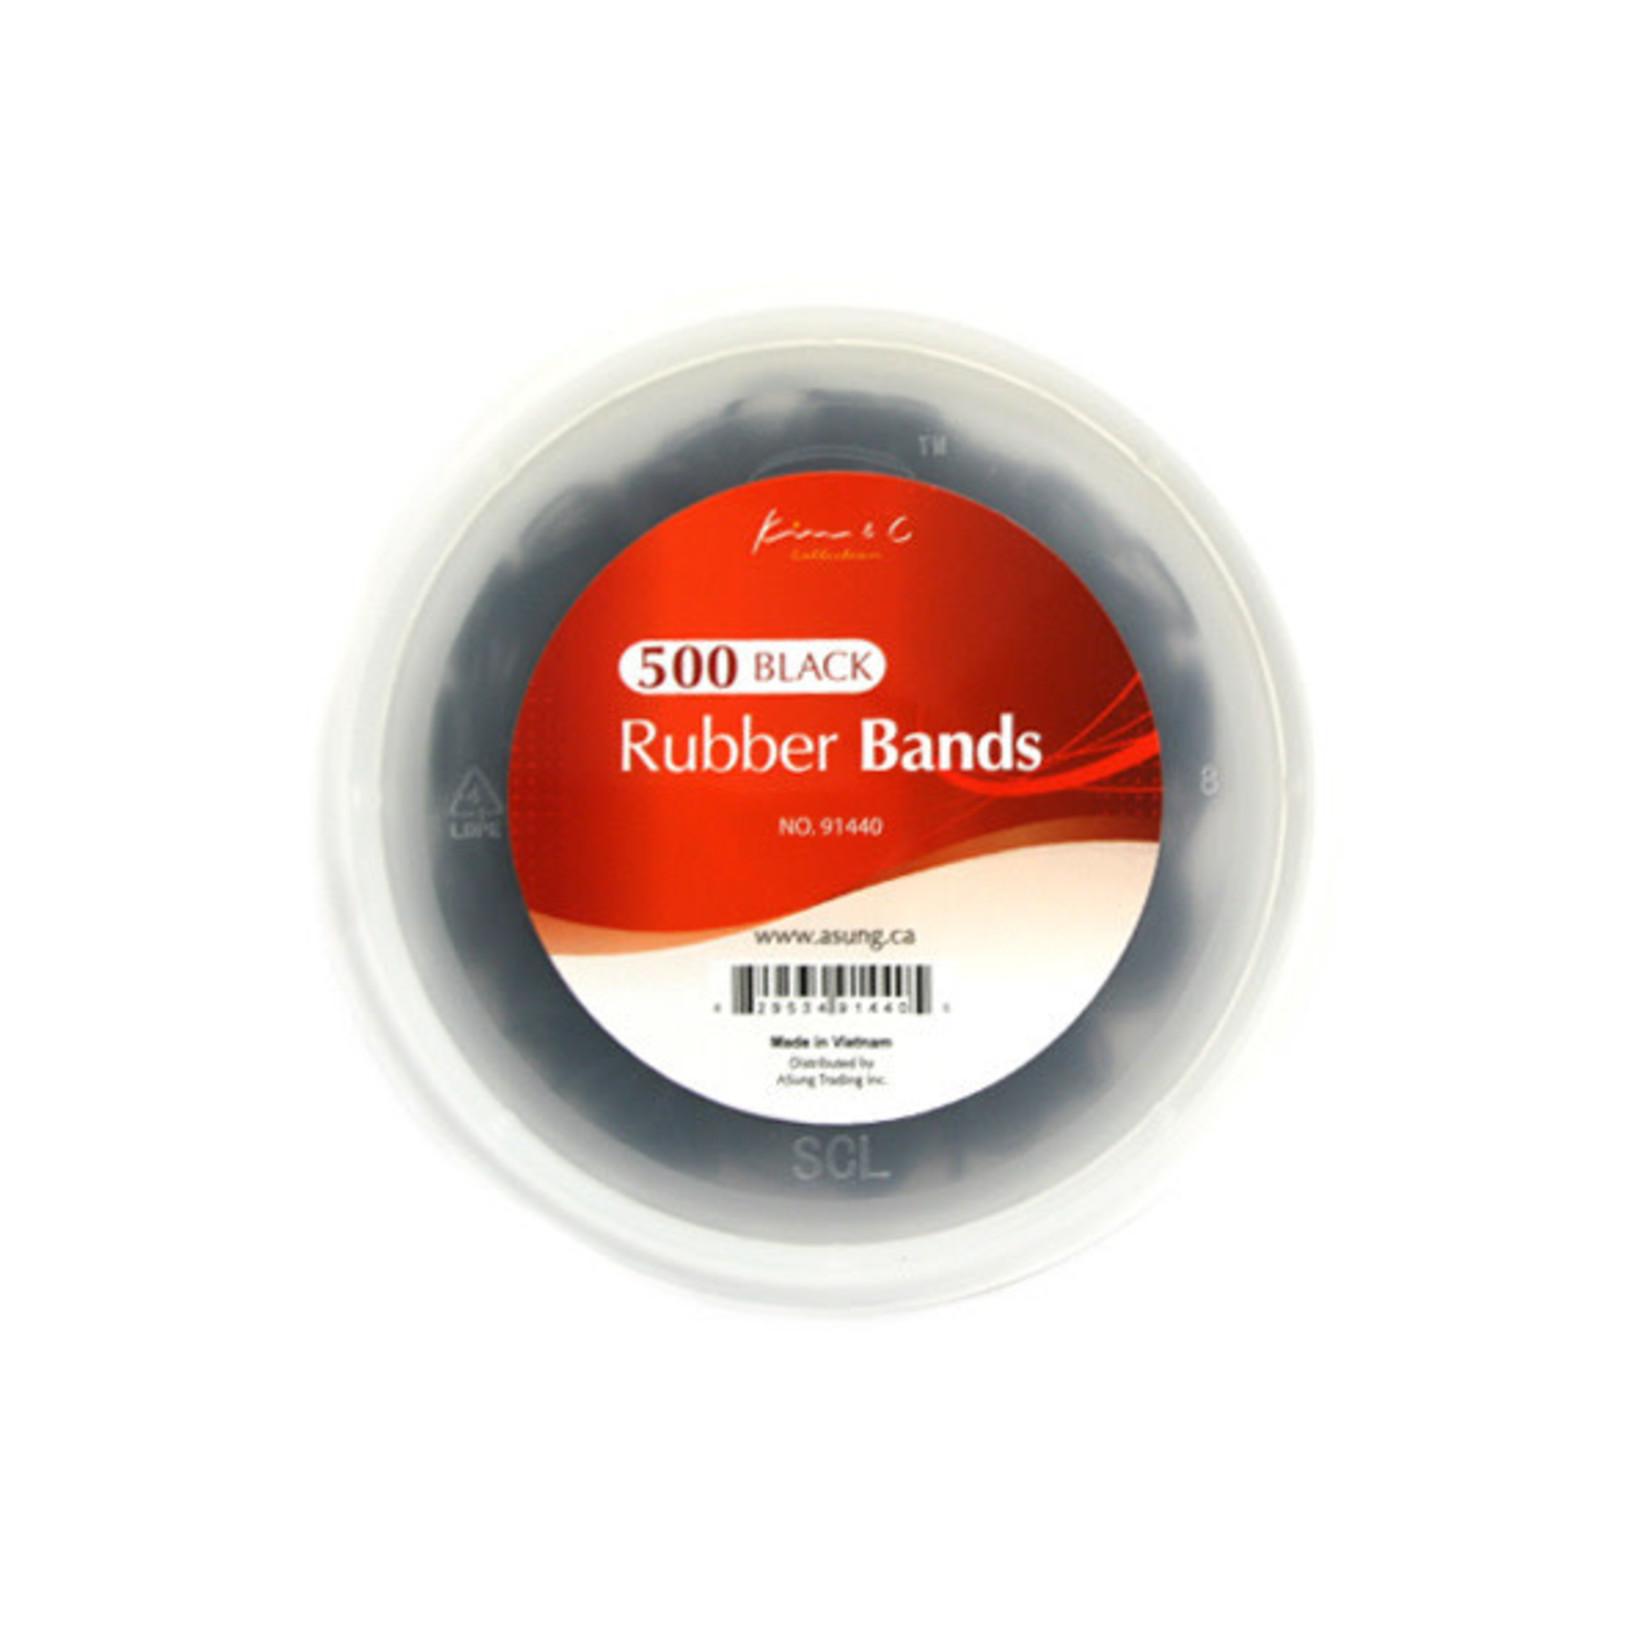 KIM & C KIM & C 500PCS RUBBER BANDS - BLACK